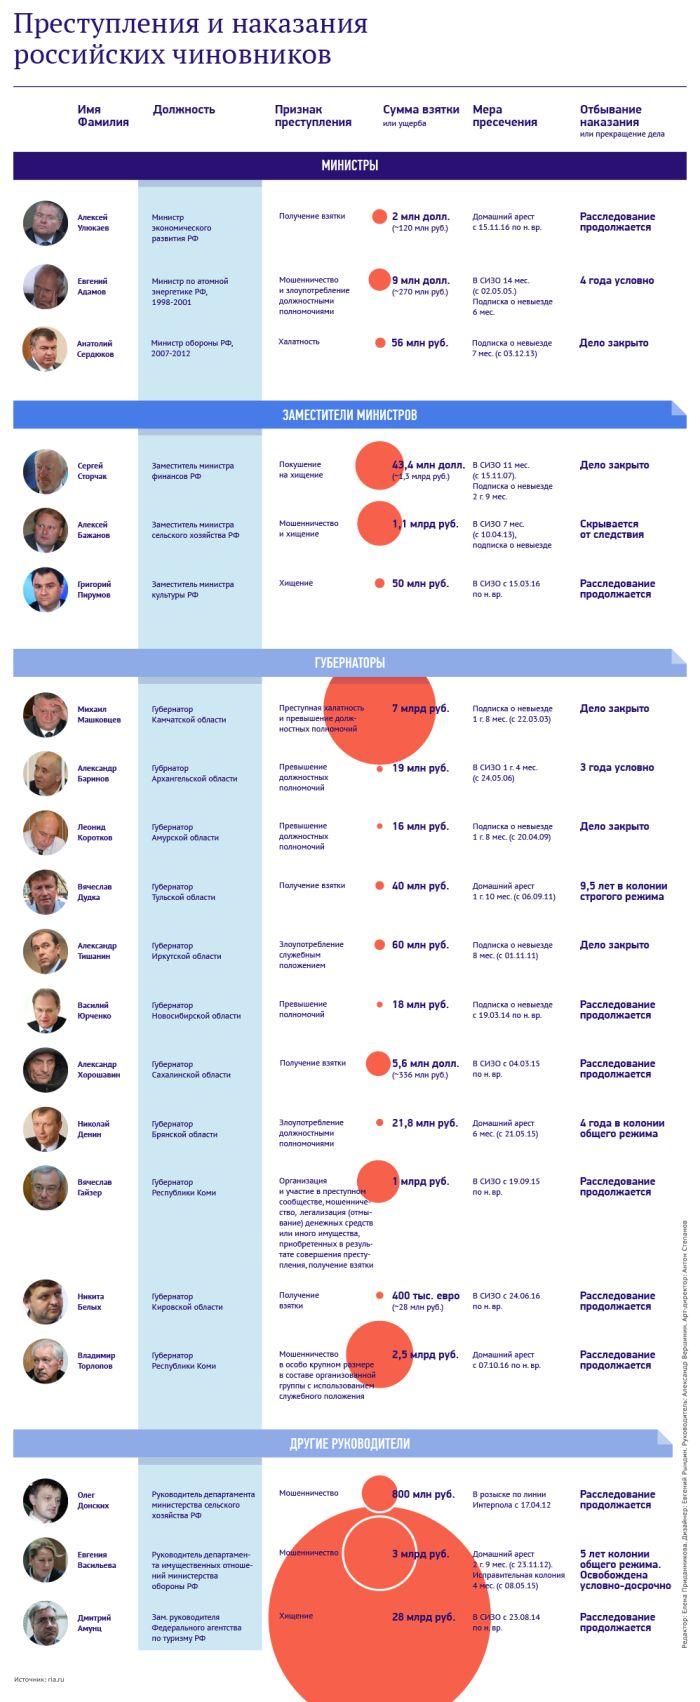 Самые громкие уголовные дела российских чиновников-коррупционеров (картинка)